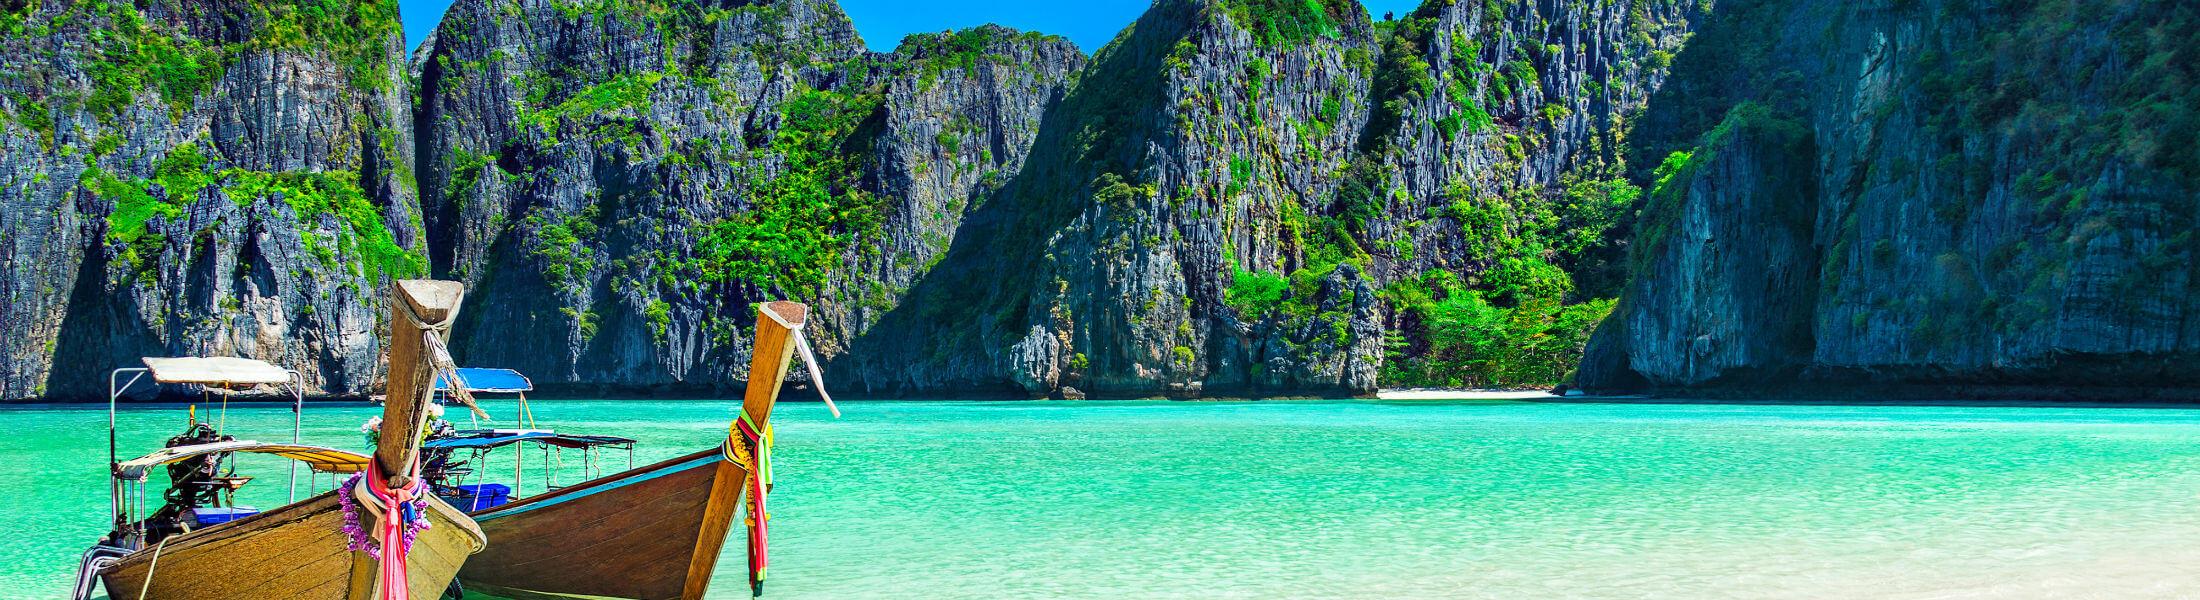 Maya Bay beach at Koh Phi Phi Leh Island